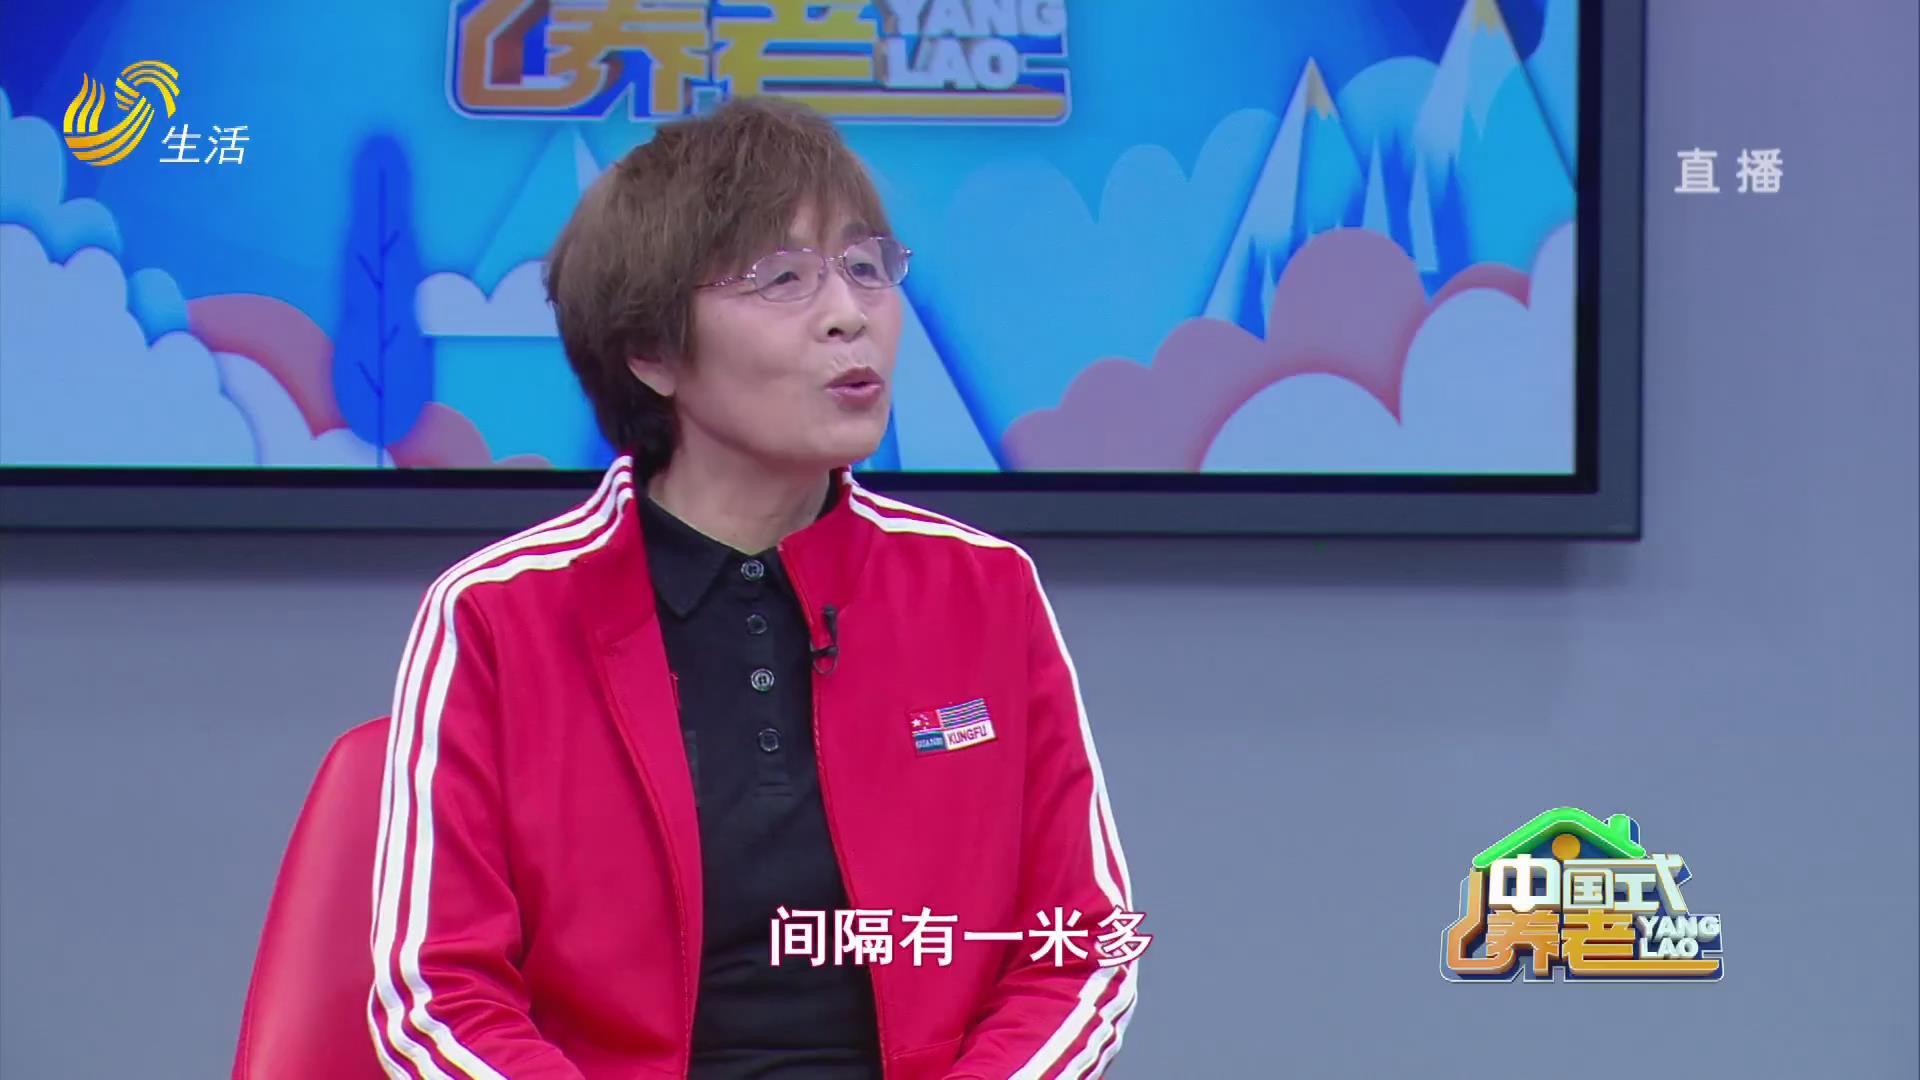 中国式养老-全年无休的舞蹈队忙些啥